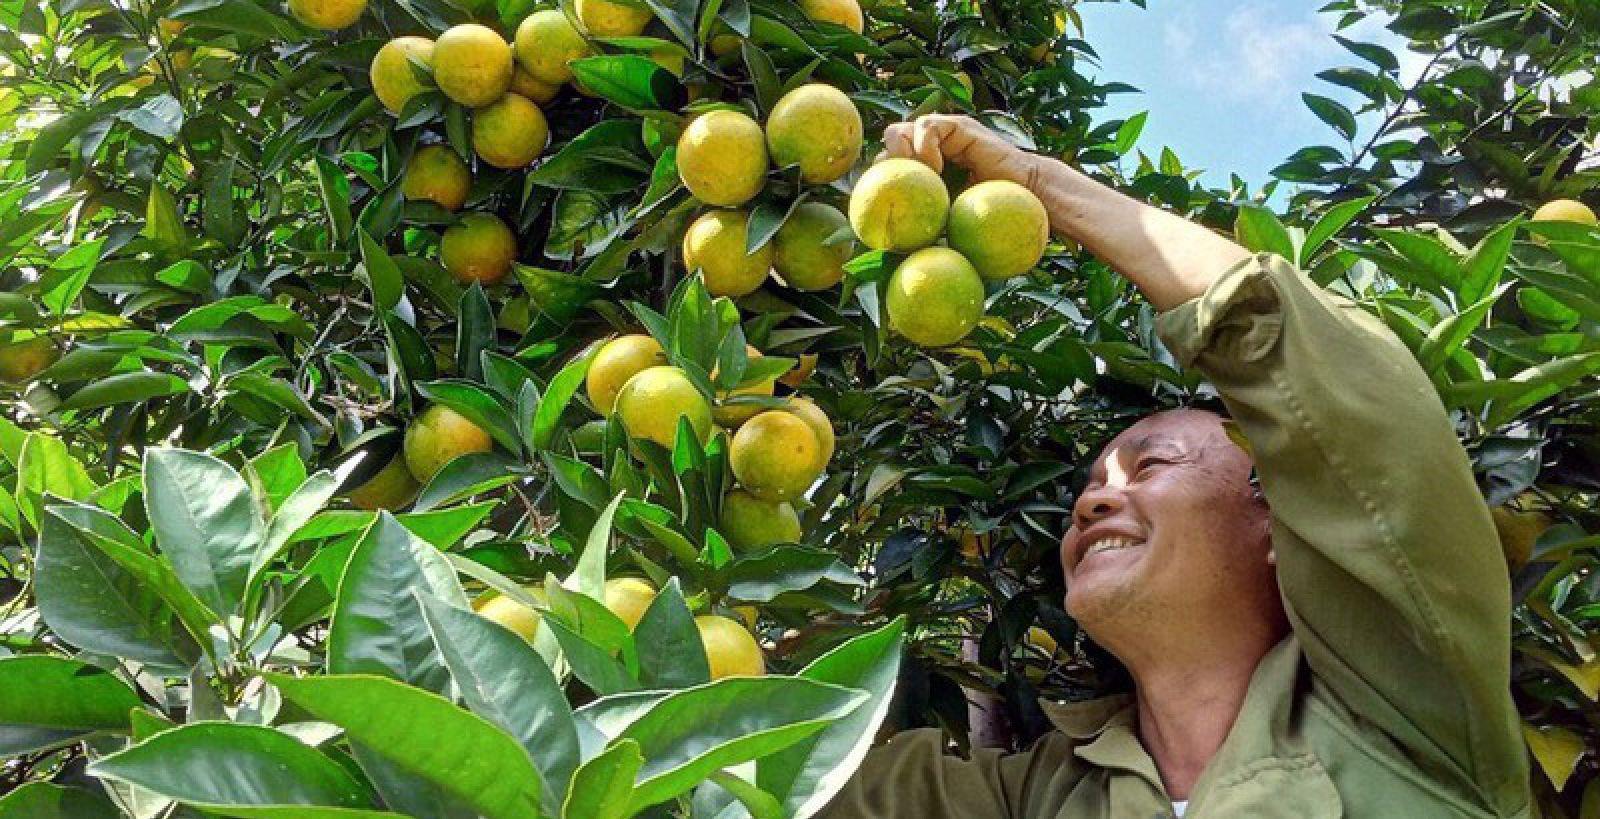 Tăng trưởng GRDP ngành nông nghiệp Sơn La cao hơn 55% so với trung bình của cả nước - Ảnh 2.